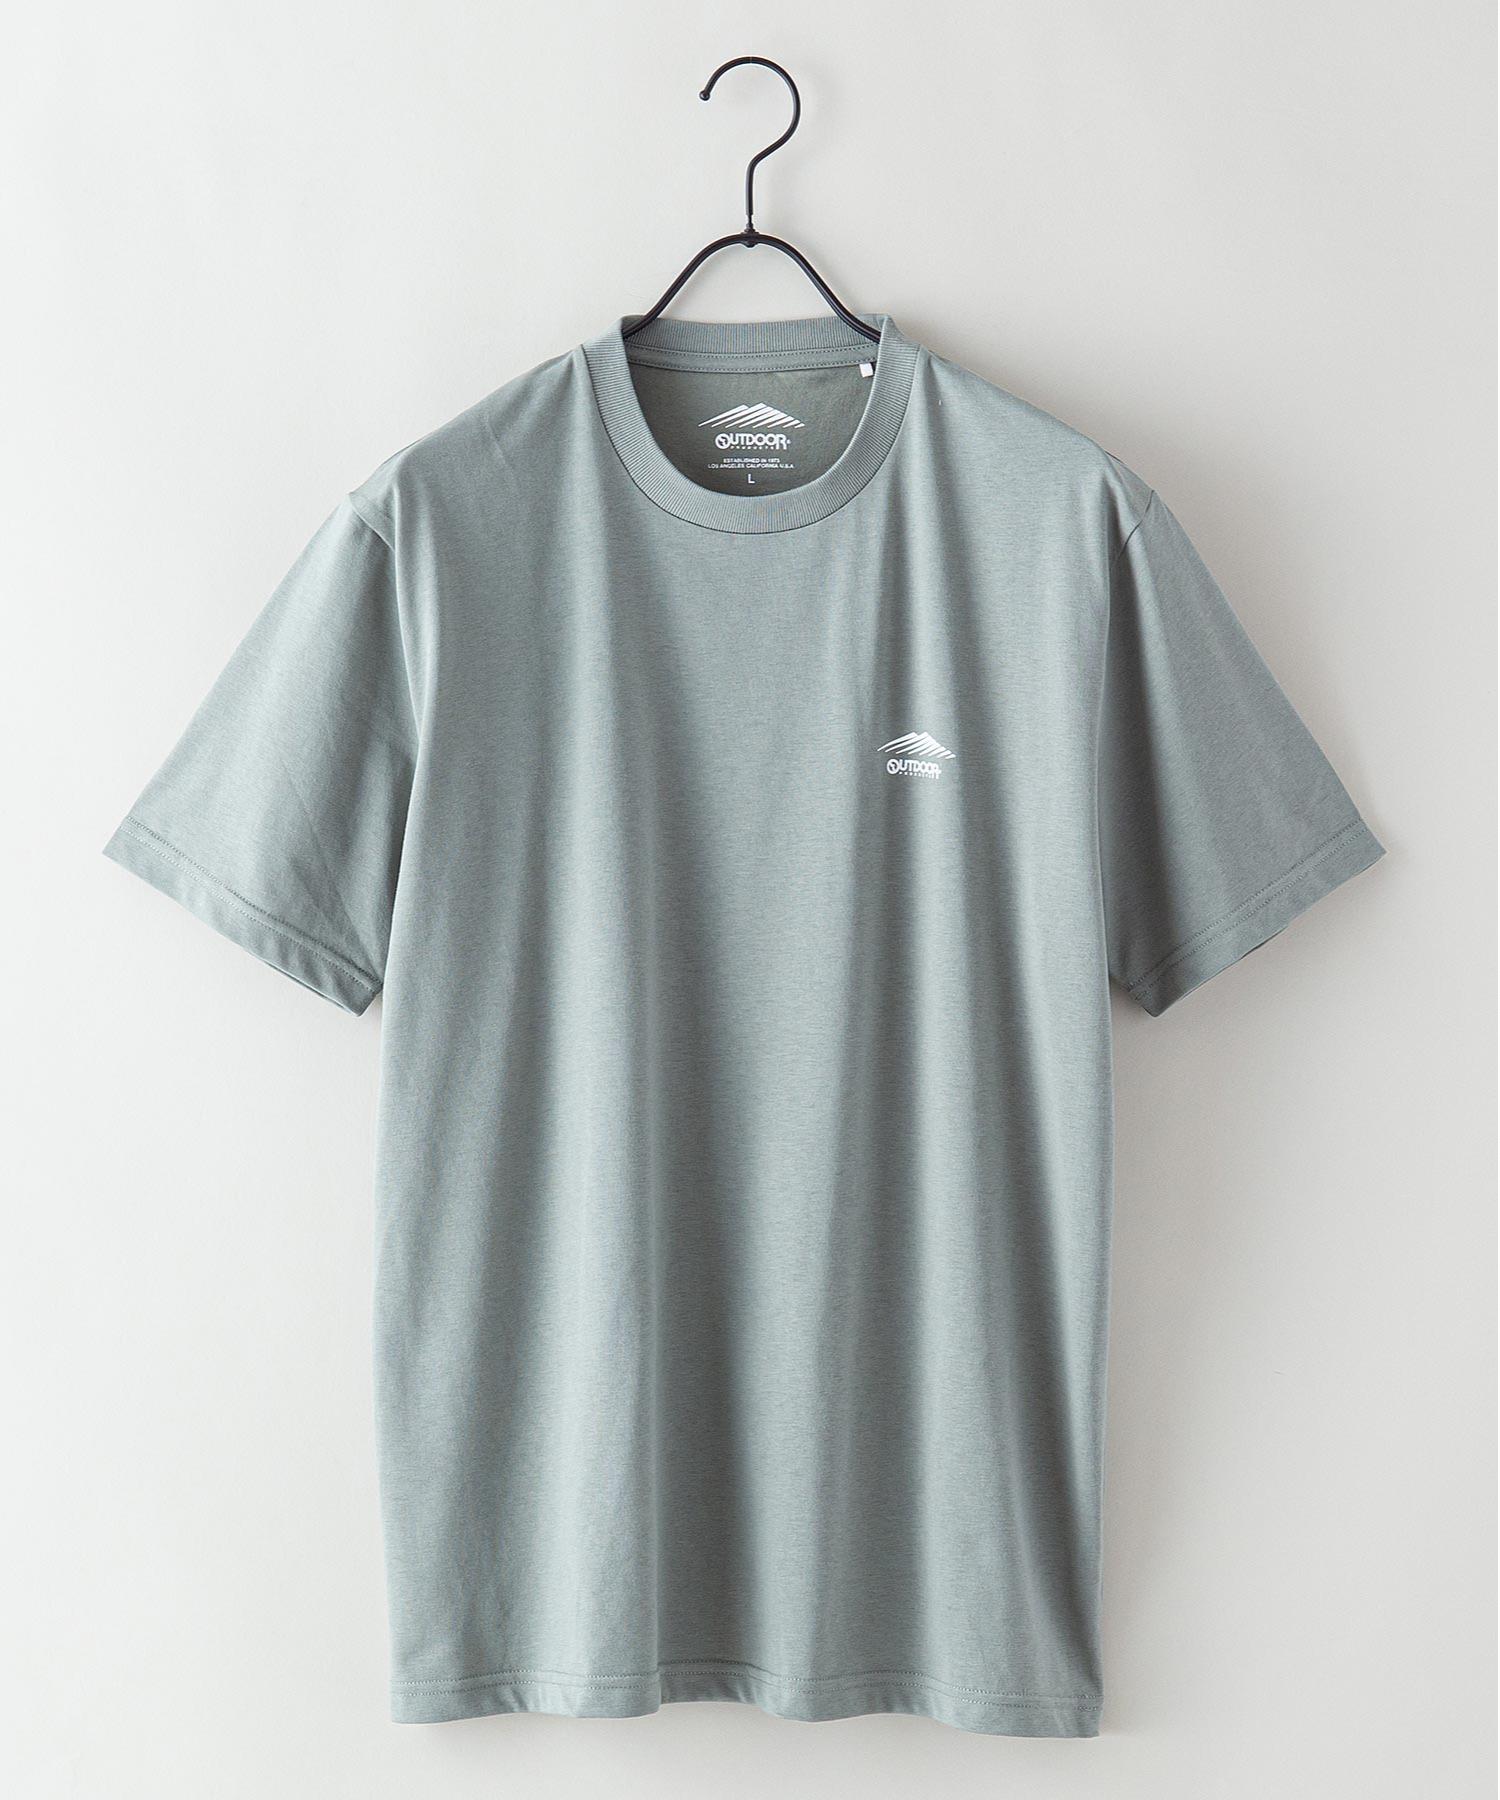 ドライ機能付き(速乾機能)ワンポイントブランドロゴ/ビッグシルエットTシャツ